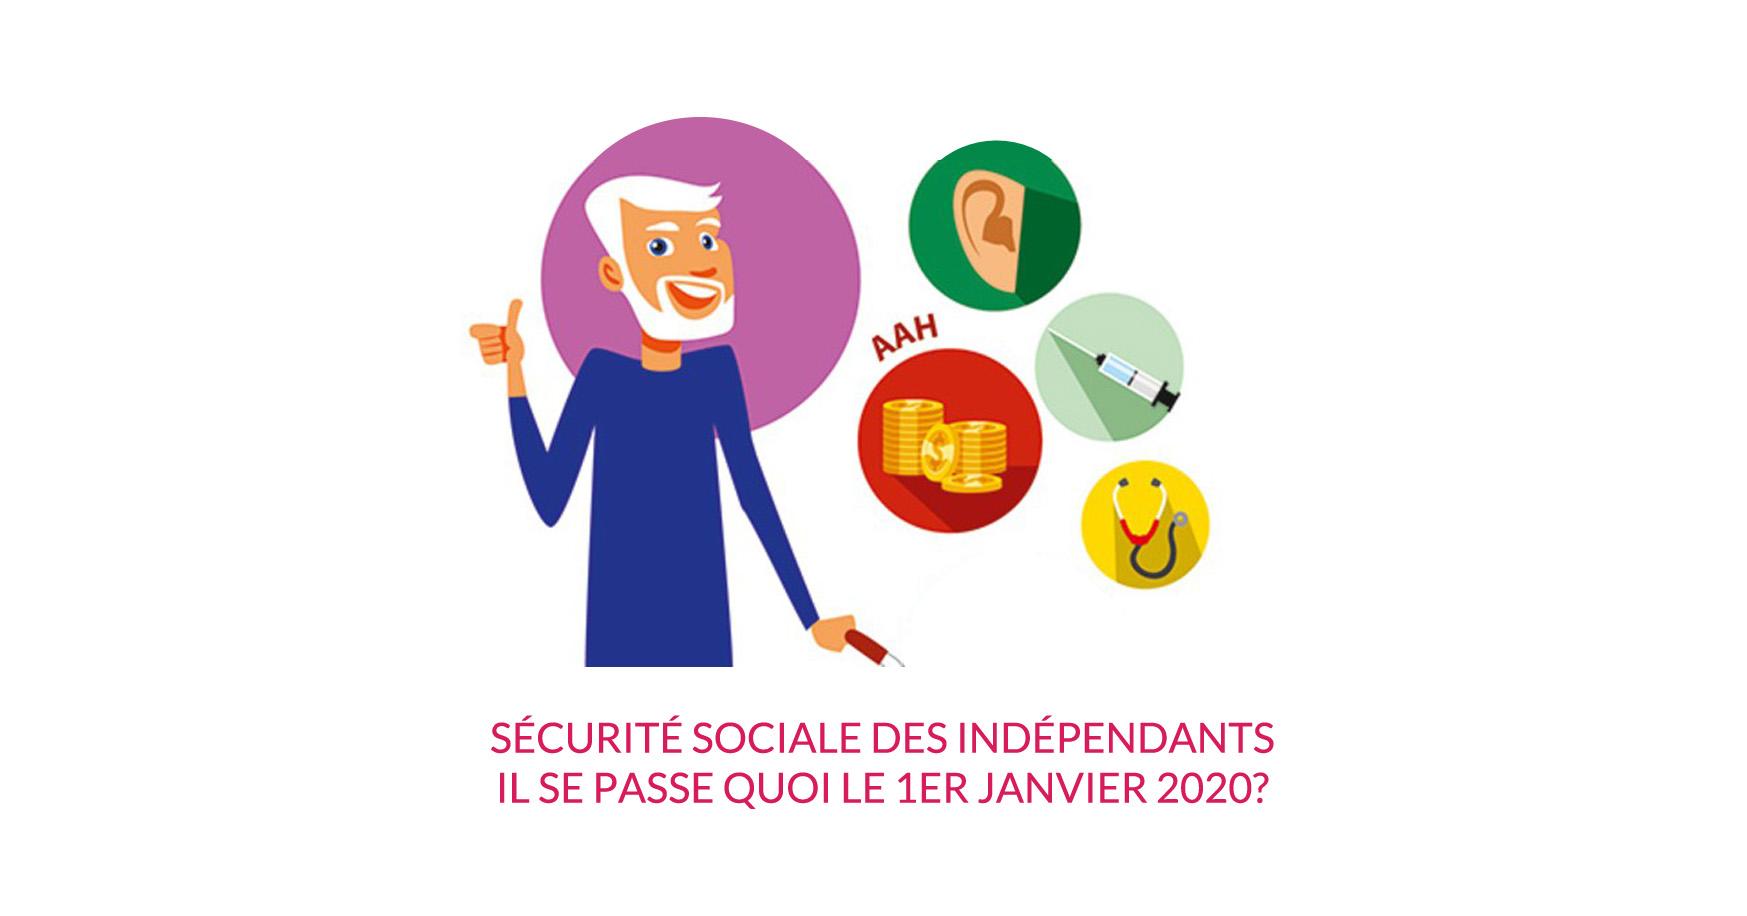 Qu'est-ce que la Sécurité sociale des indépendants ?